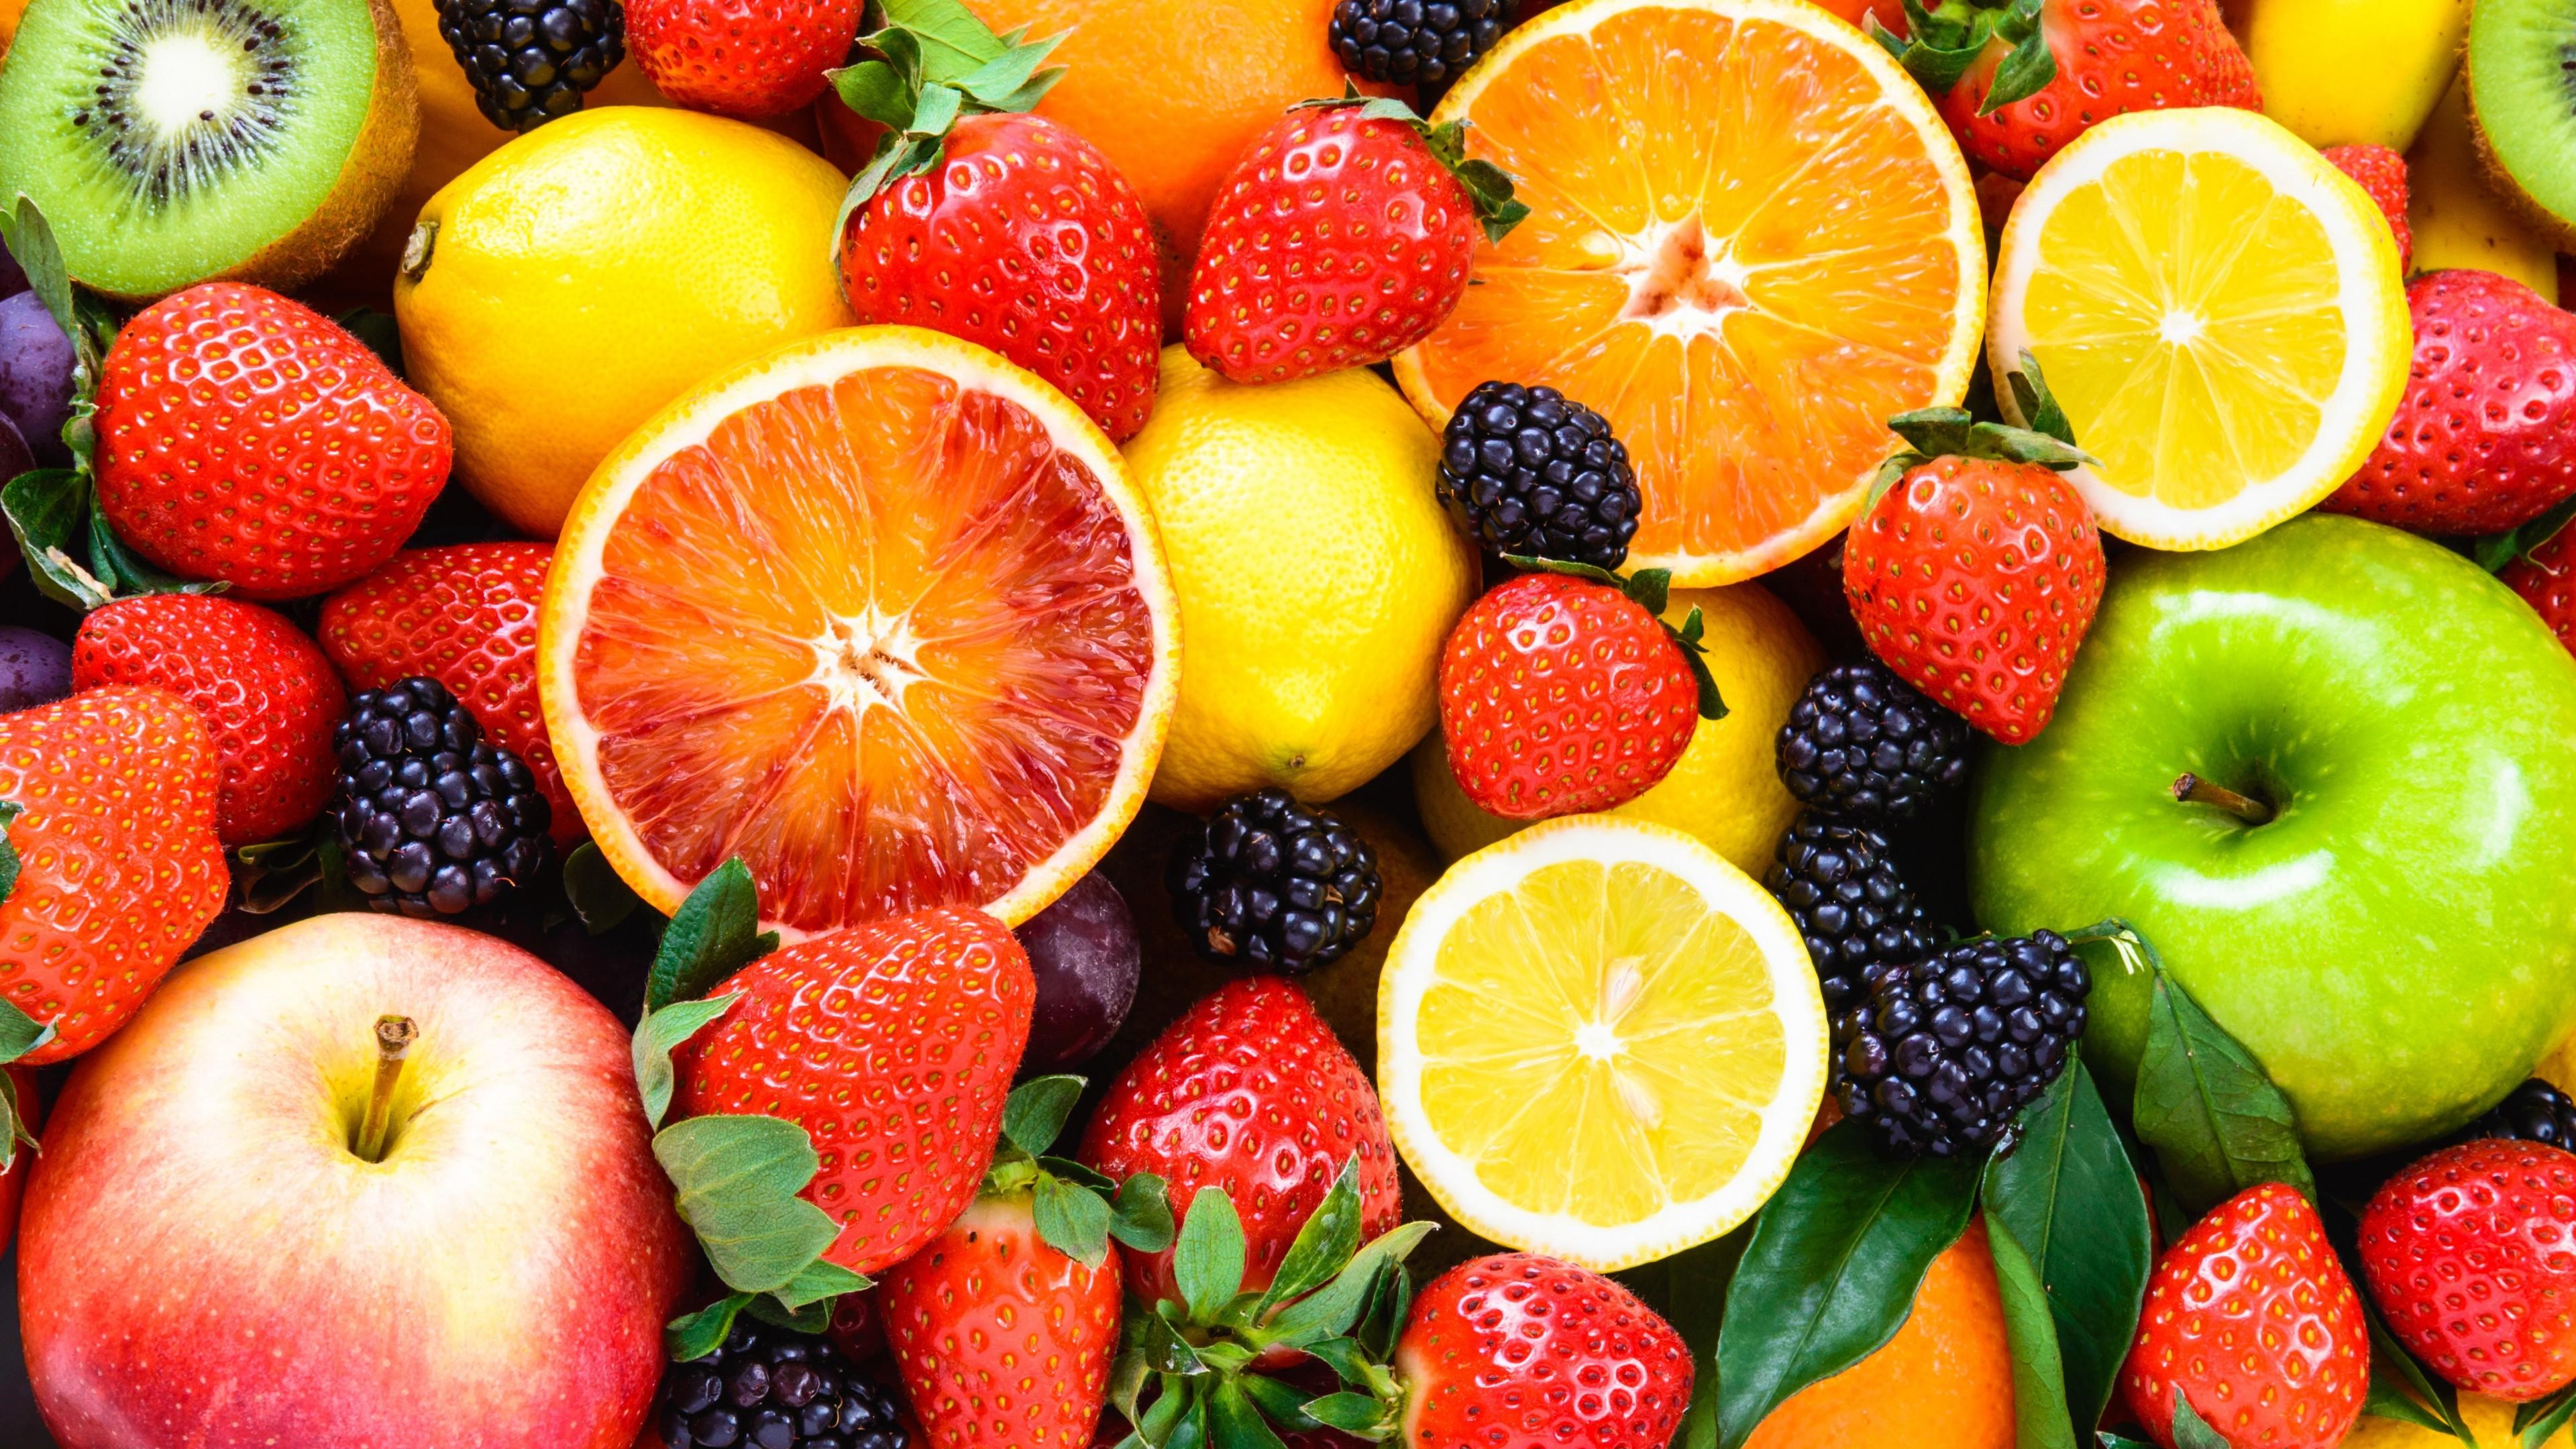 Wallpaper fruit apple orange strawberry lemon blackberry 5k 3840x2160